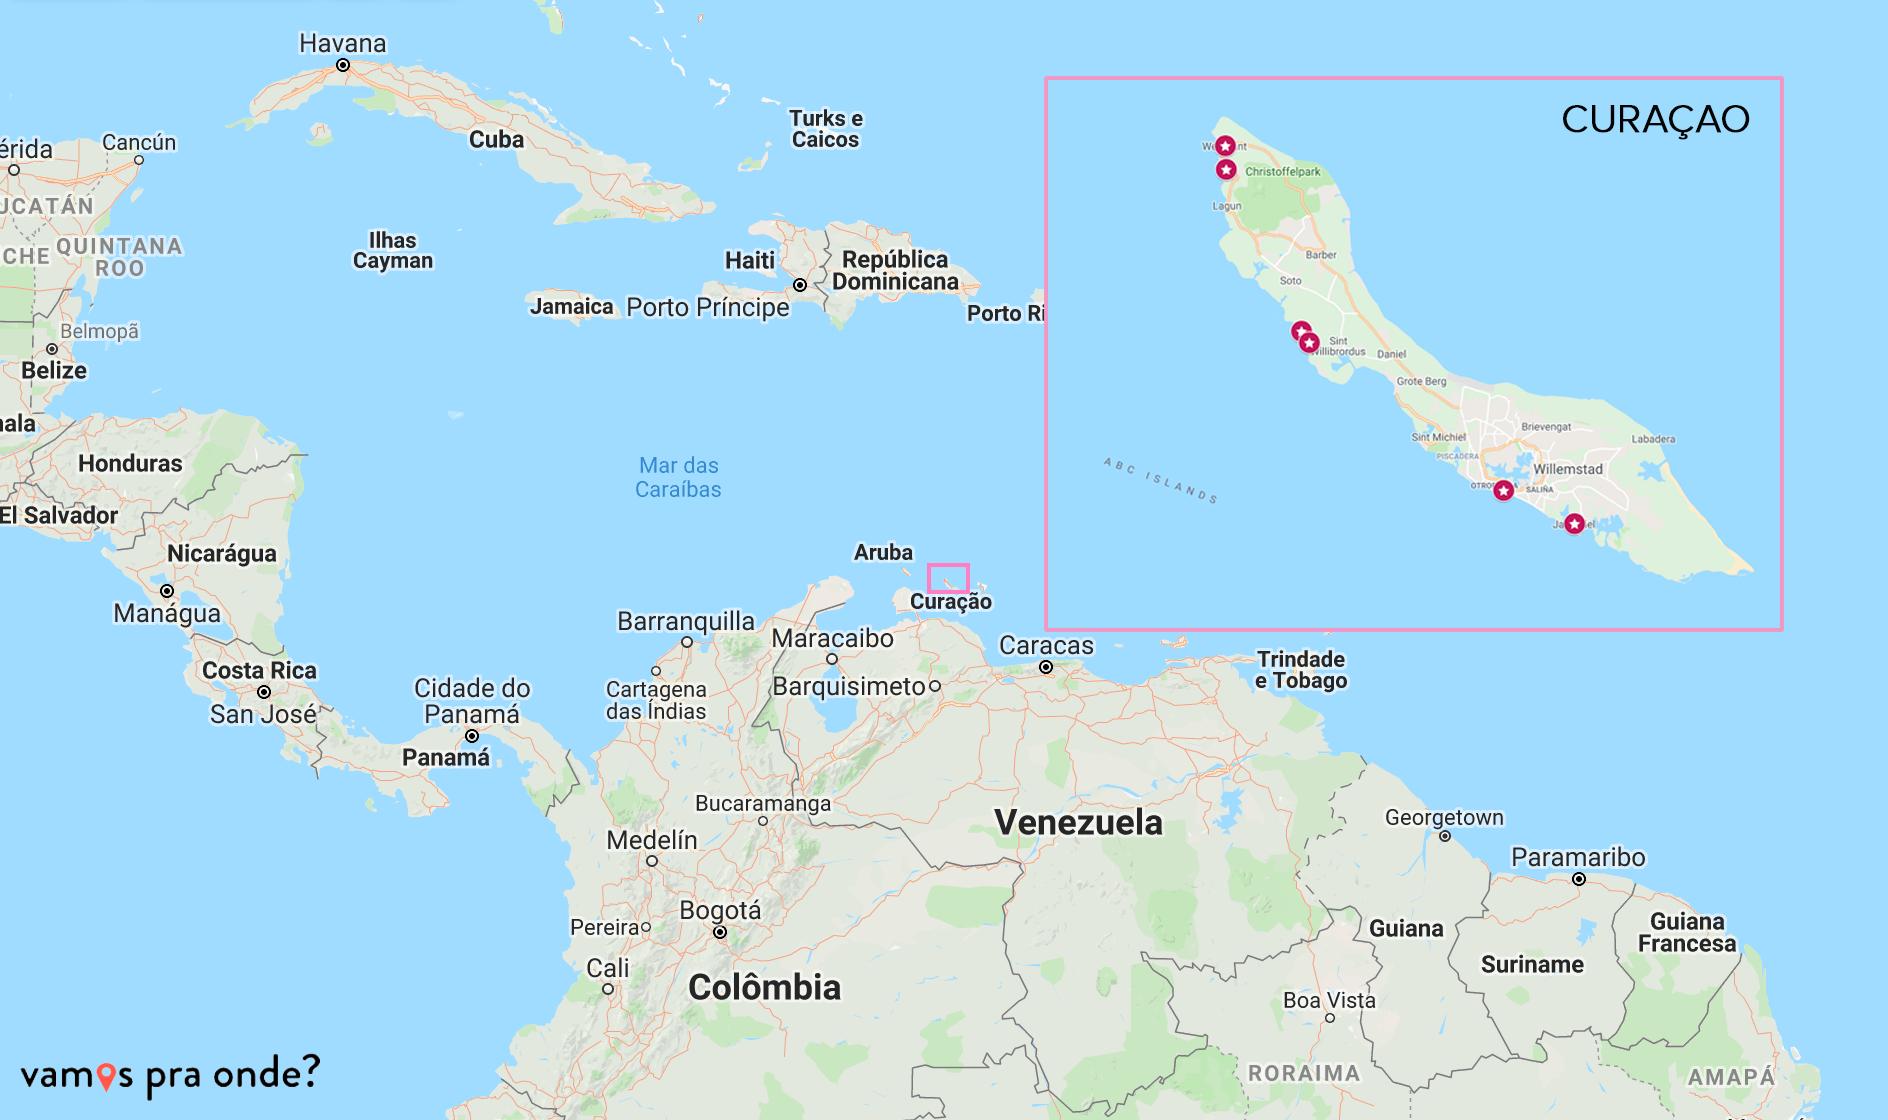 curaçao no mapa